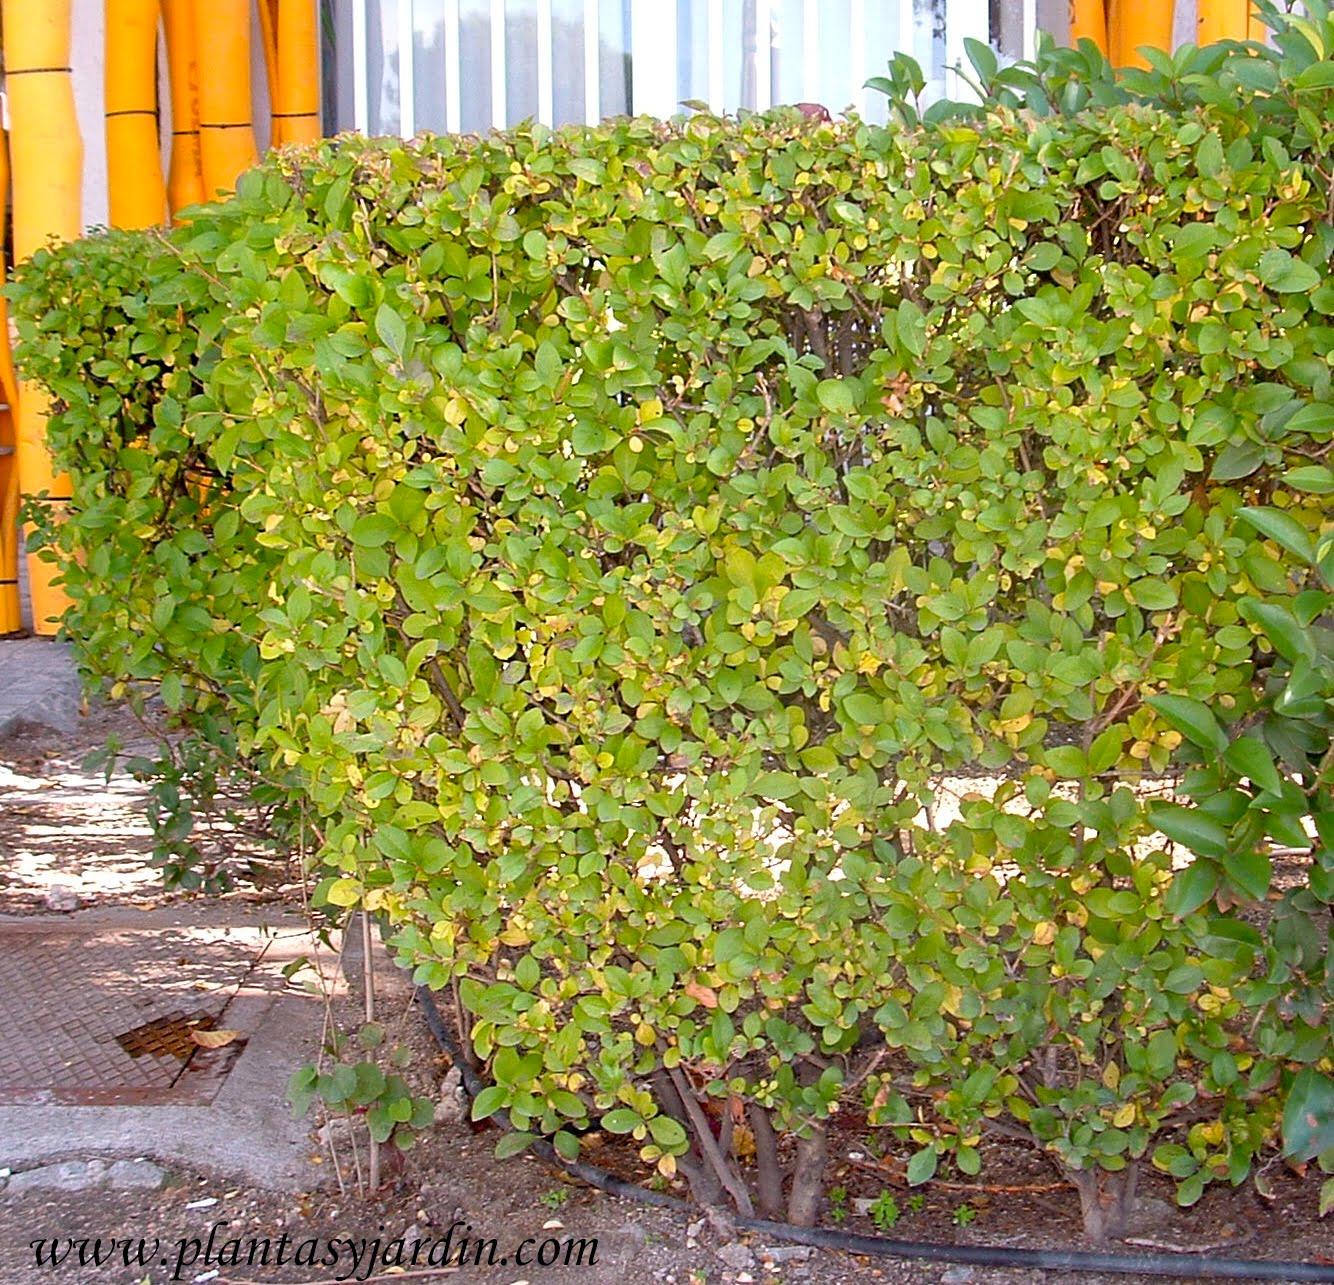 Cerco de duranta plantas jard n for Arbustos ornamentales para jardin